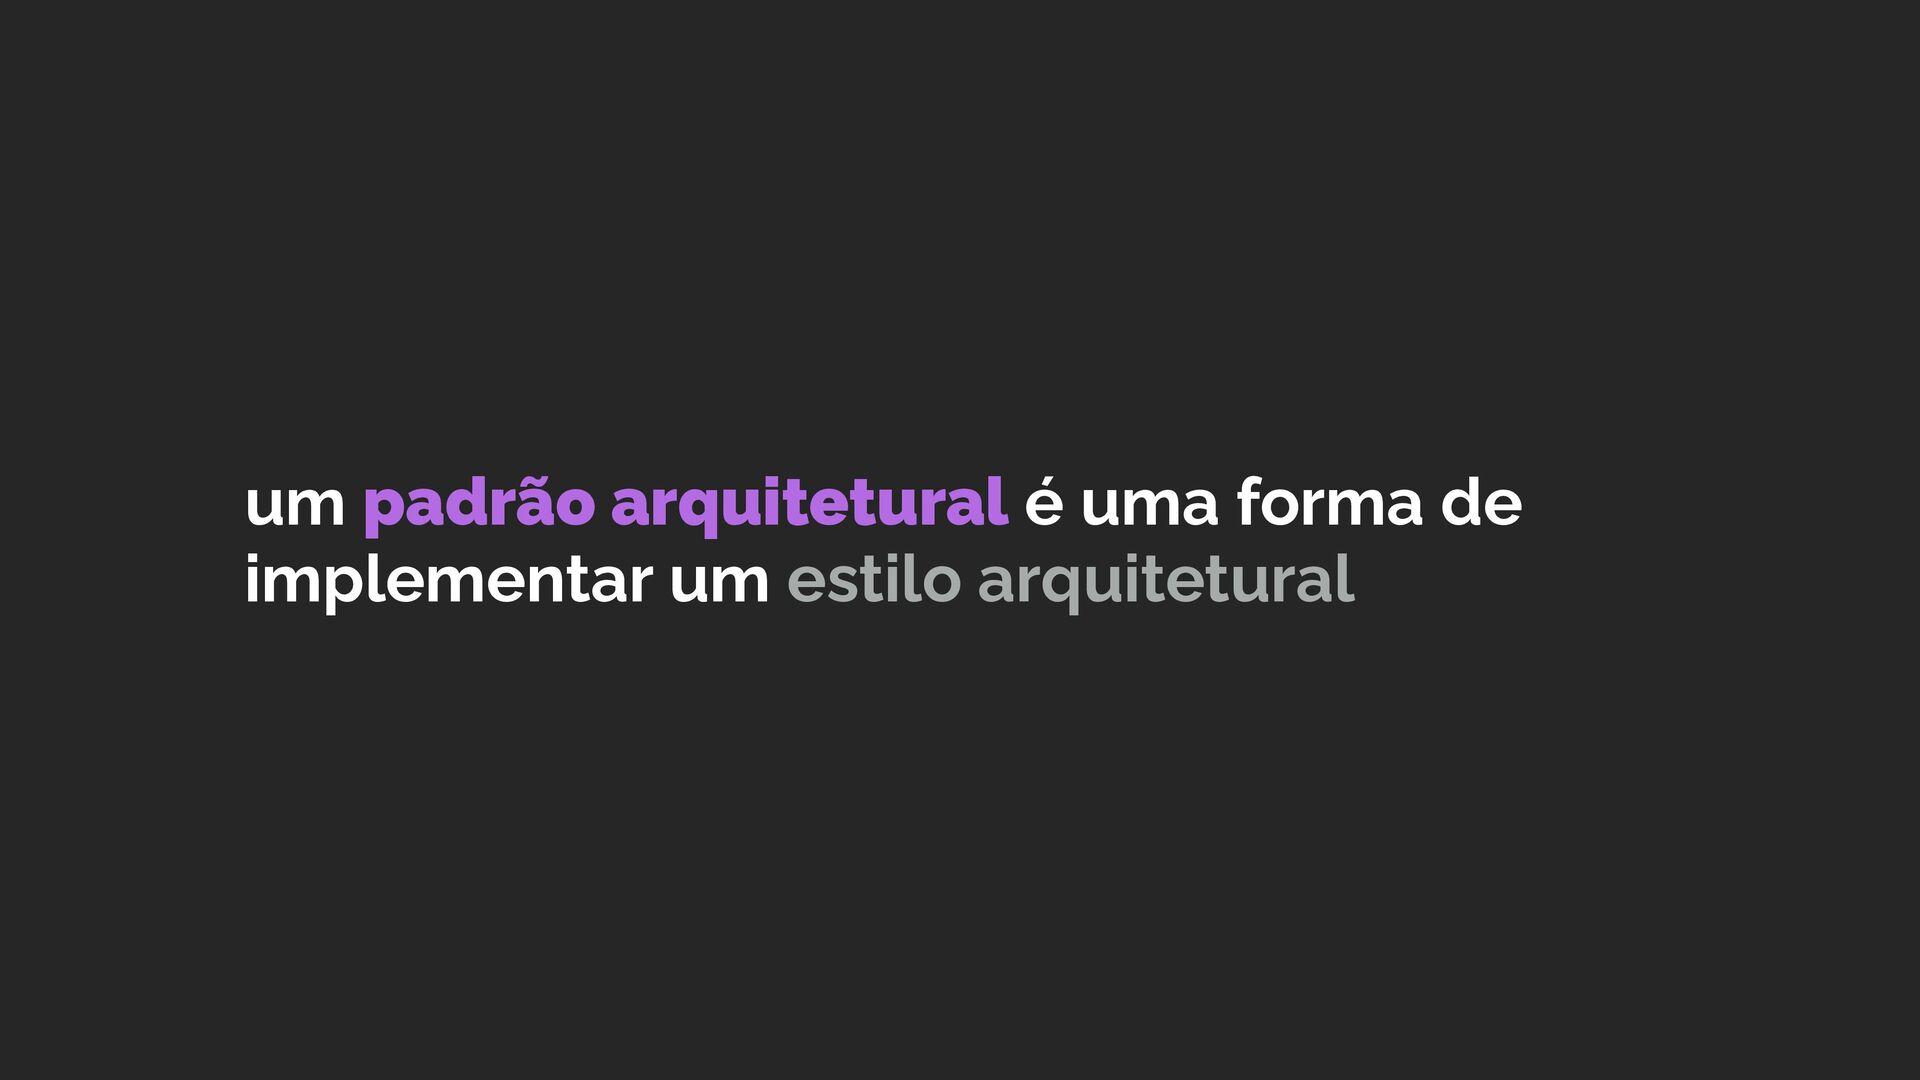 um padrão arquitetural é uma forma de implement...